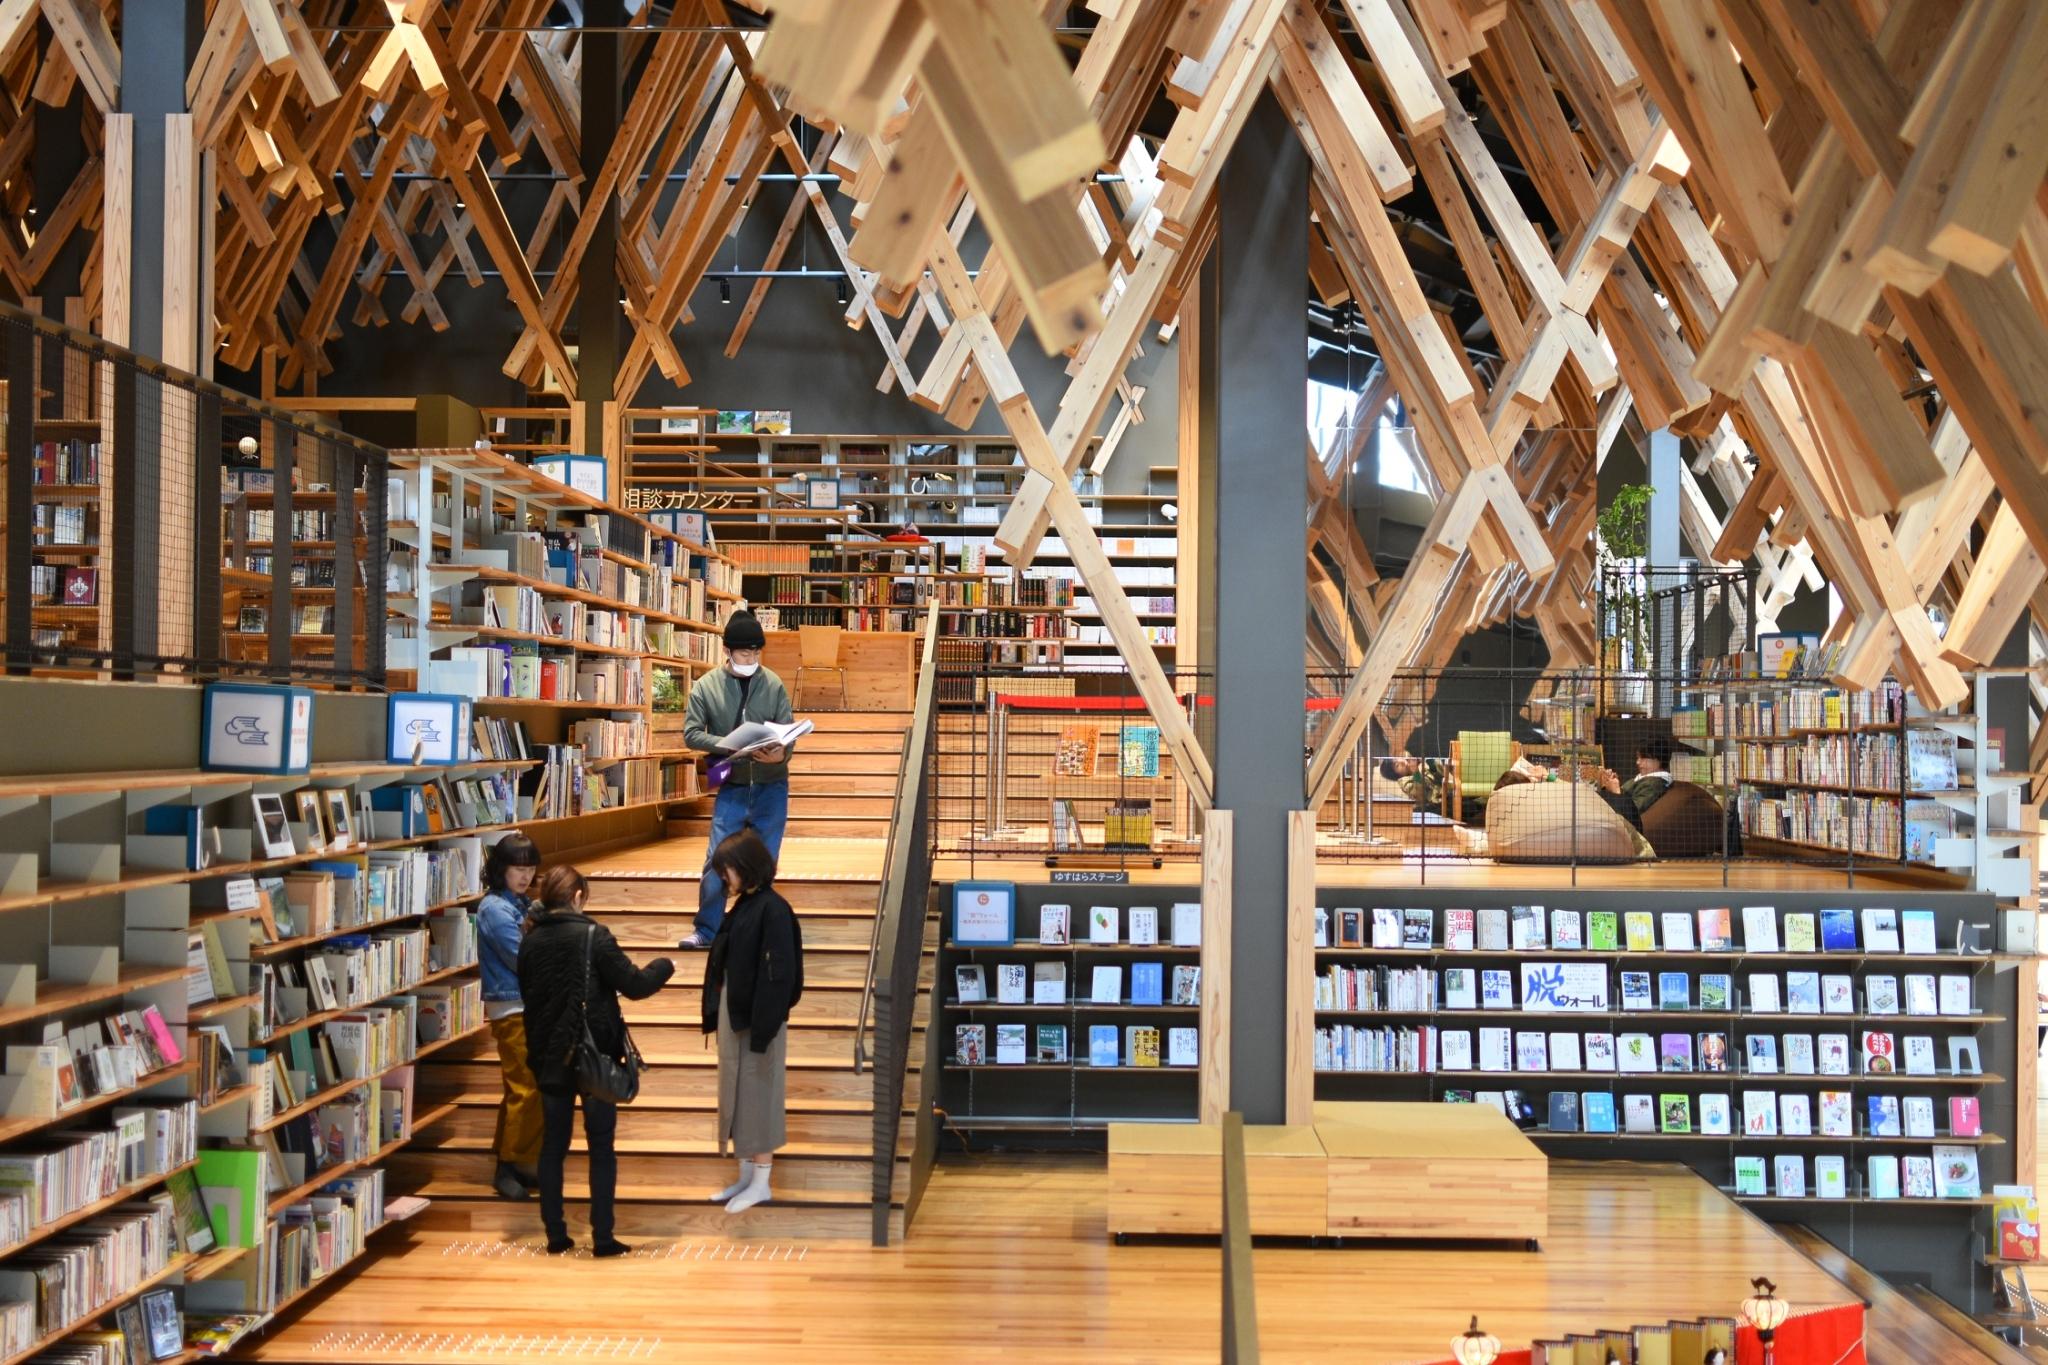 【ゆすはら雲の上の図書館】常識破りのユニーク図書館!組み木が織りなす非日常空間